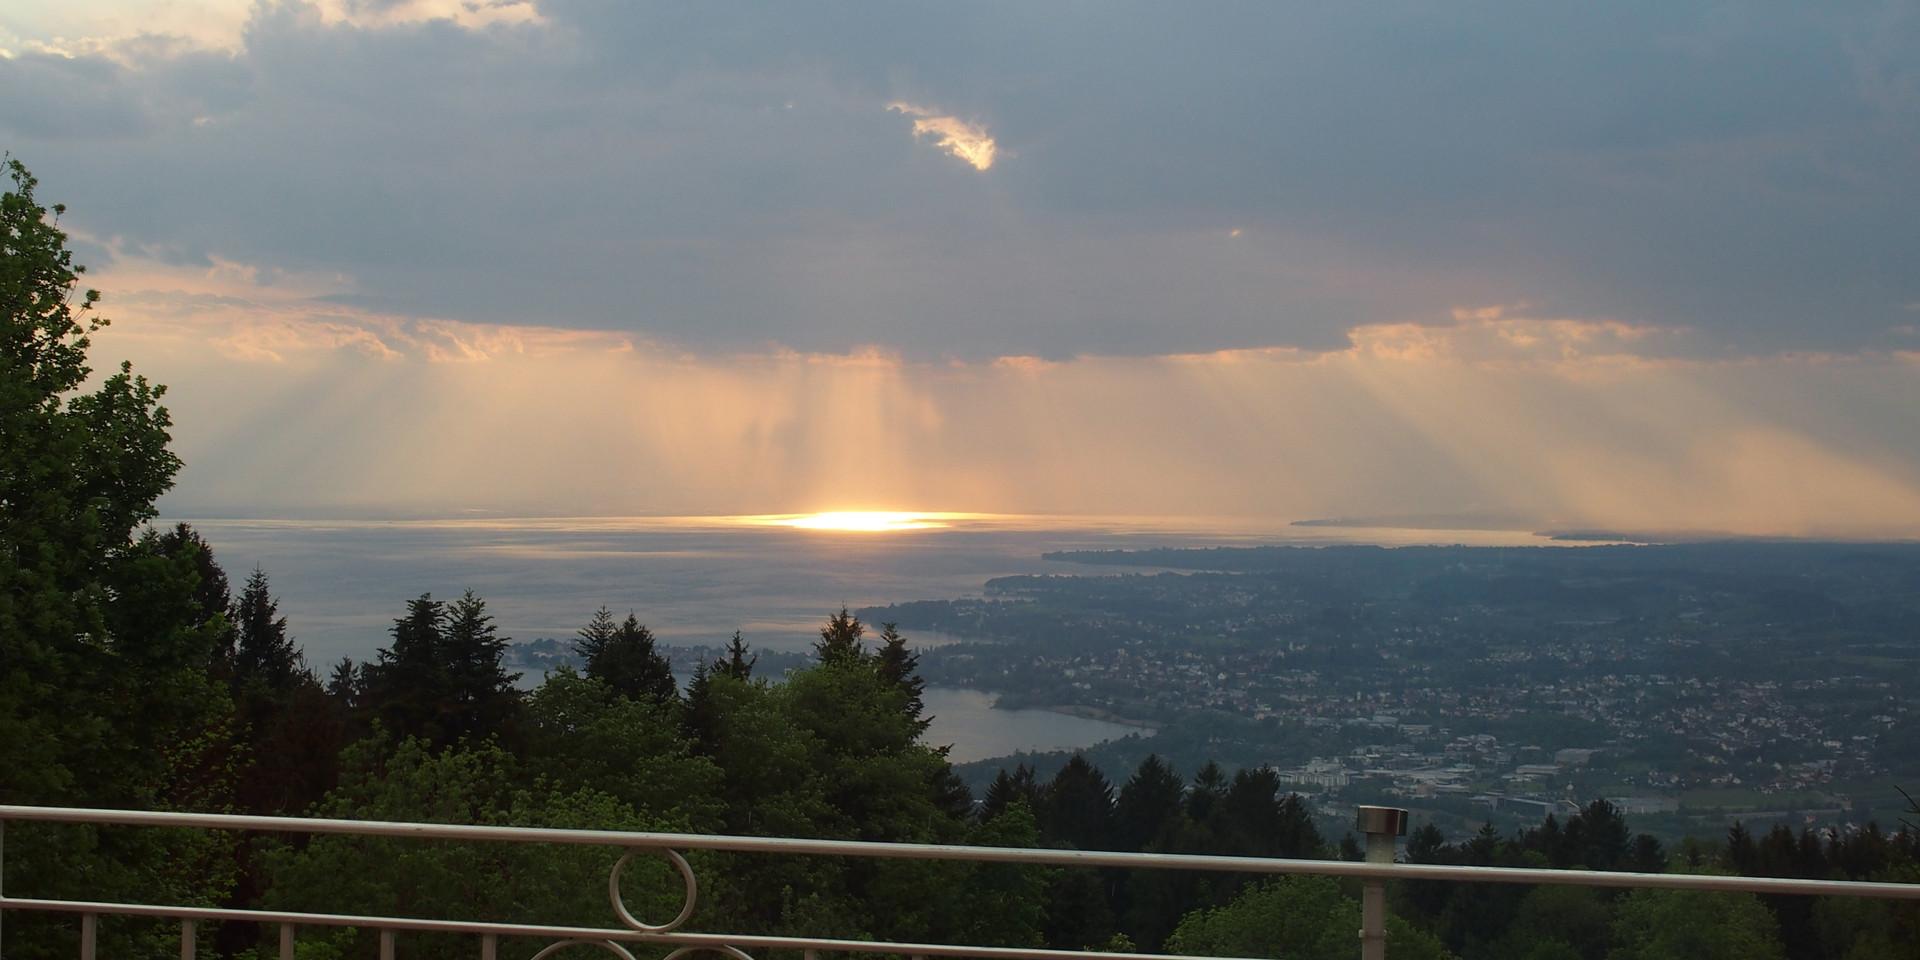 Licht durch die Wolkendecke